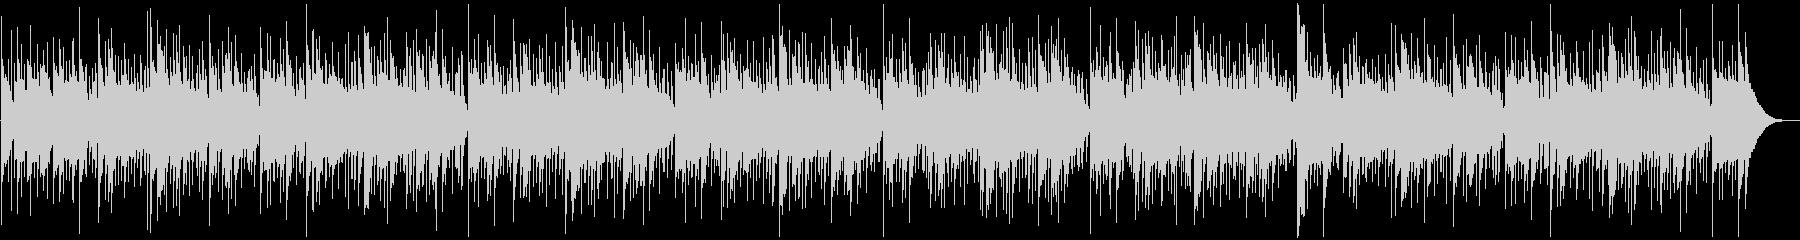 ハンドパンとマリンバによるヒーリングの未再生の波形